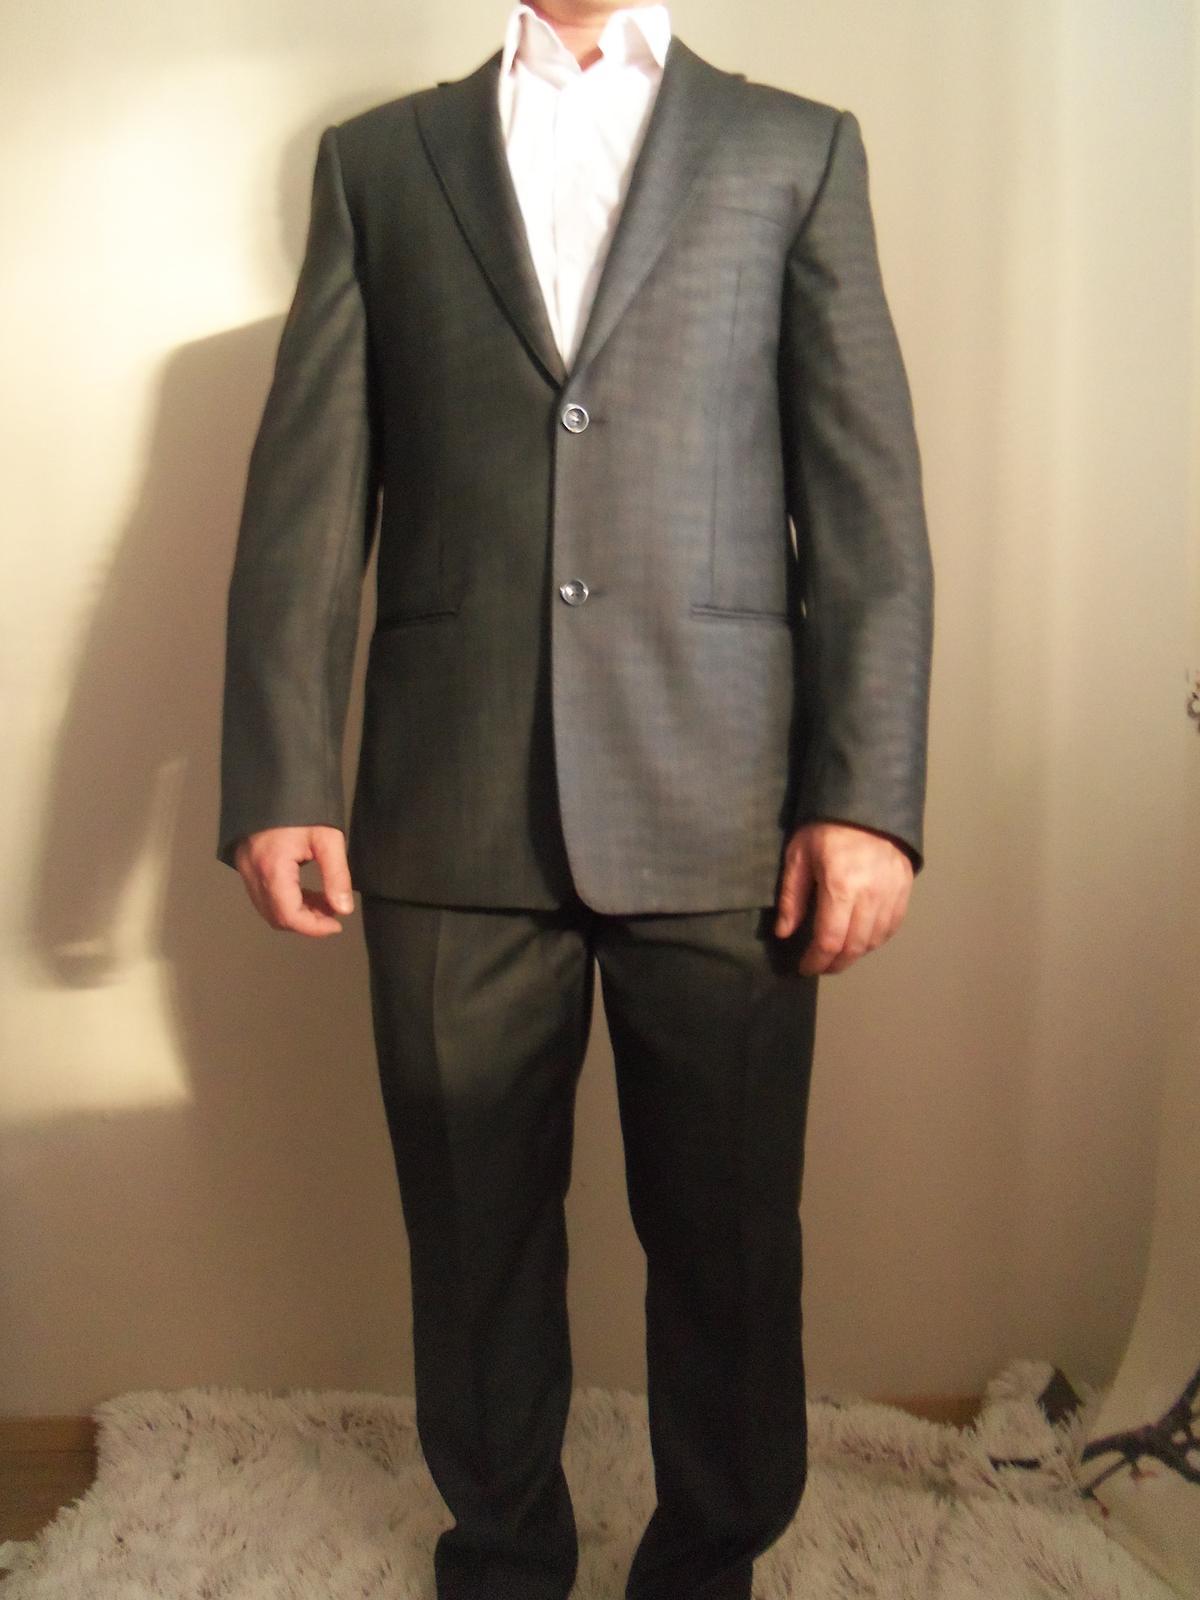 Pánsky oblek-svadobný aj bežné nosenie 182/96/82 - Obrázok č. 1